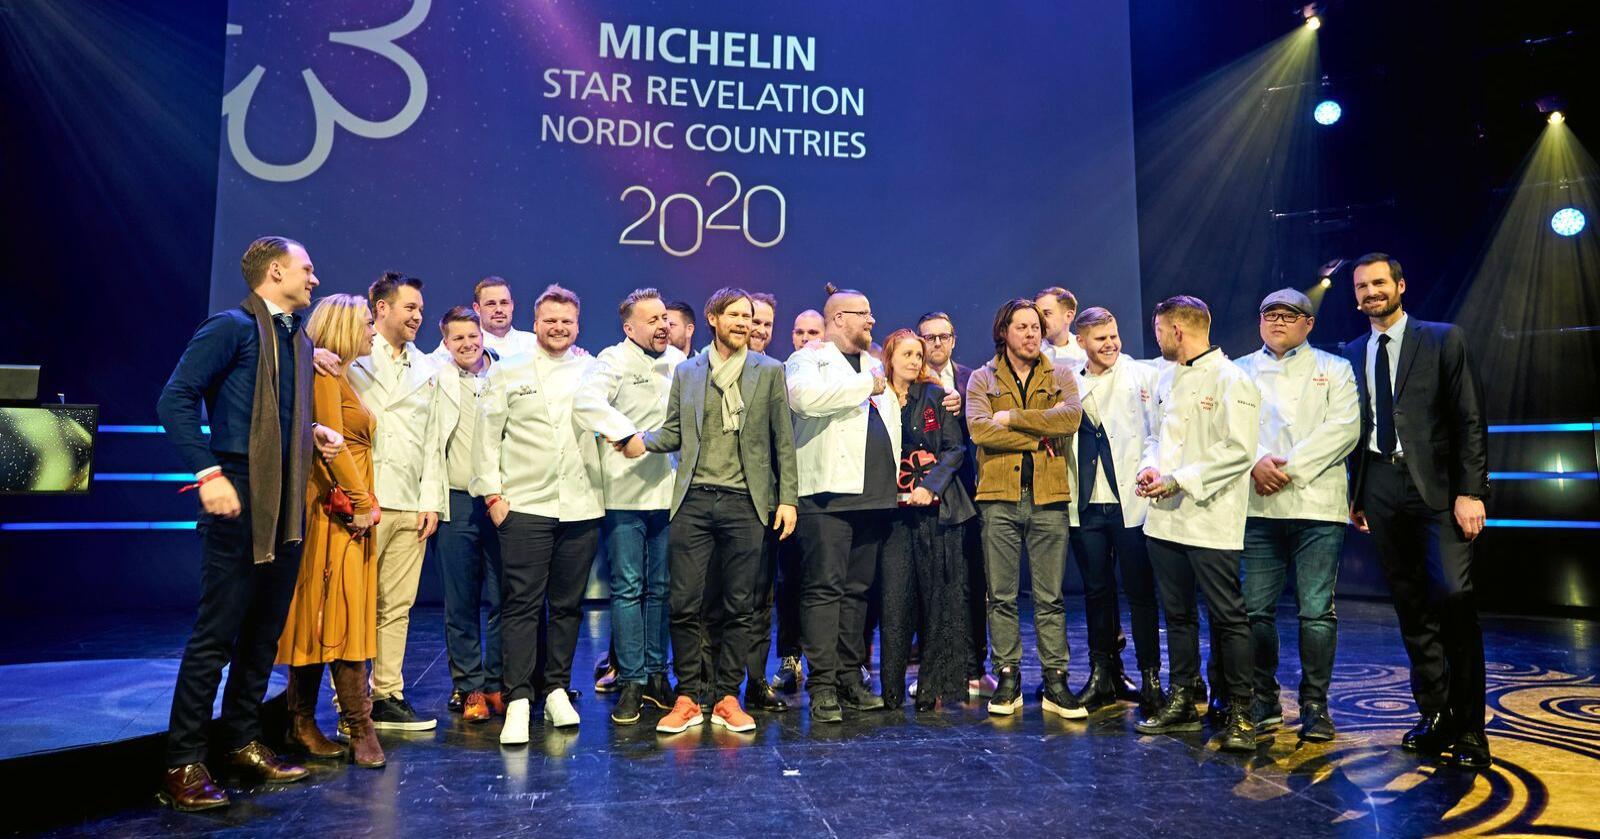 Stjerner i sikte: Bilete av alle som har fått stjerner under utdeling av Michelin-stjerner i dei nordiske landa i år. Foto: Ole Martin Wold / NTB scanpix